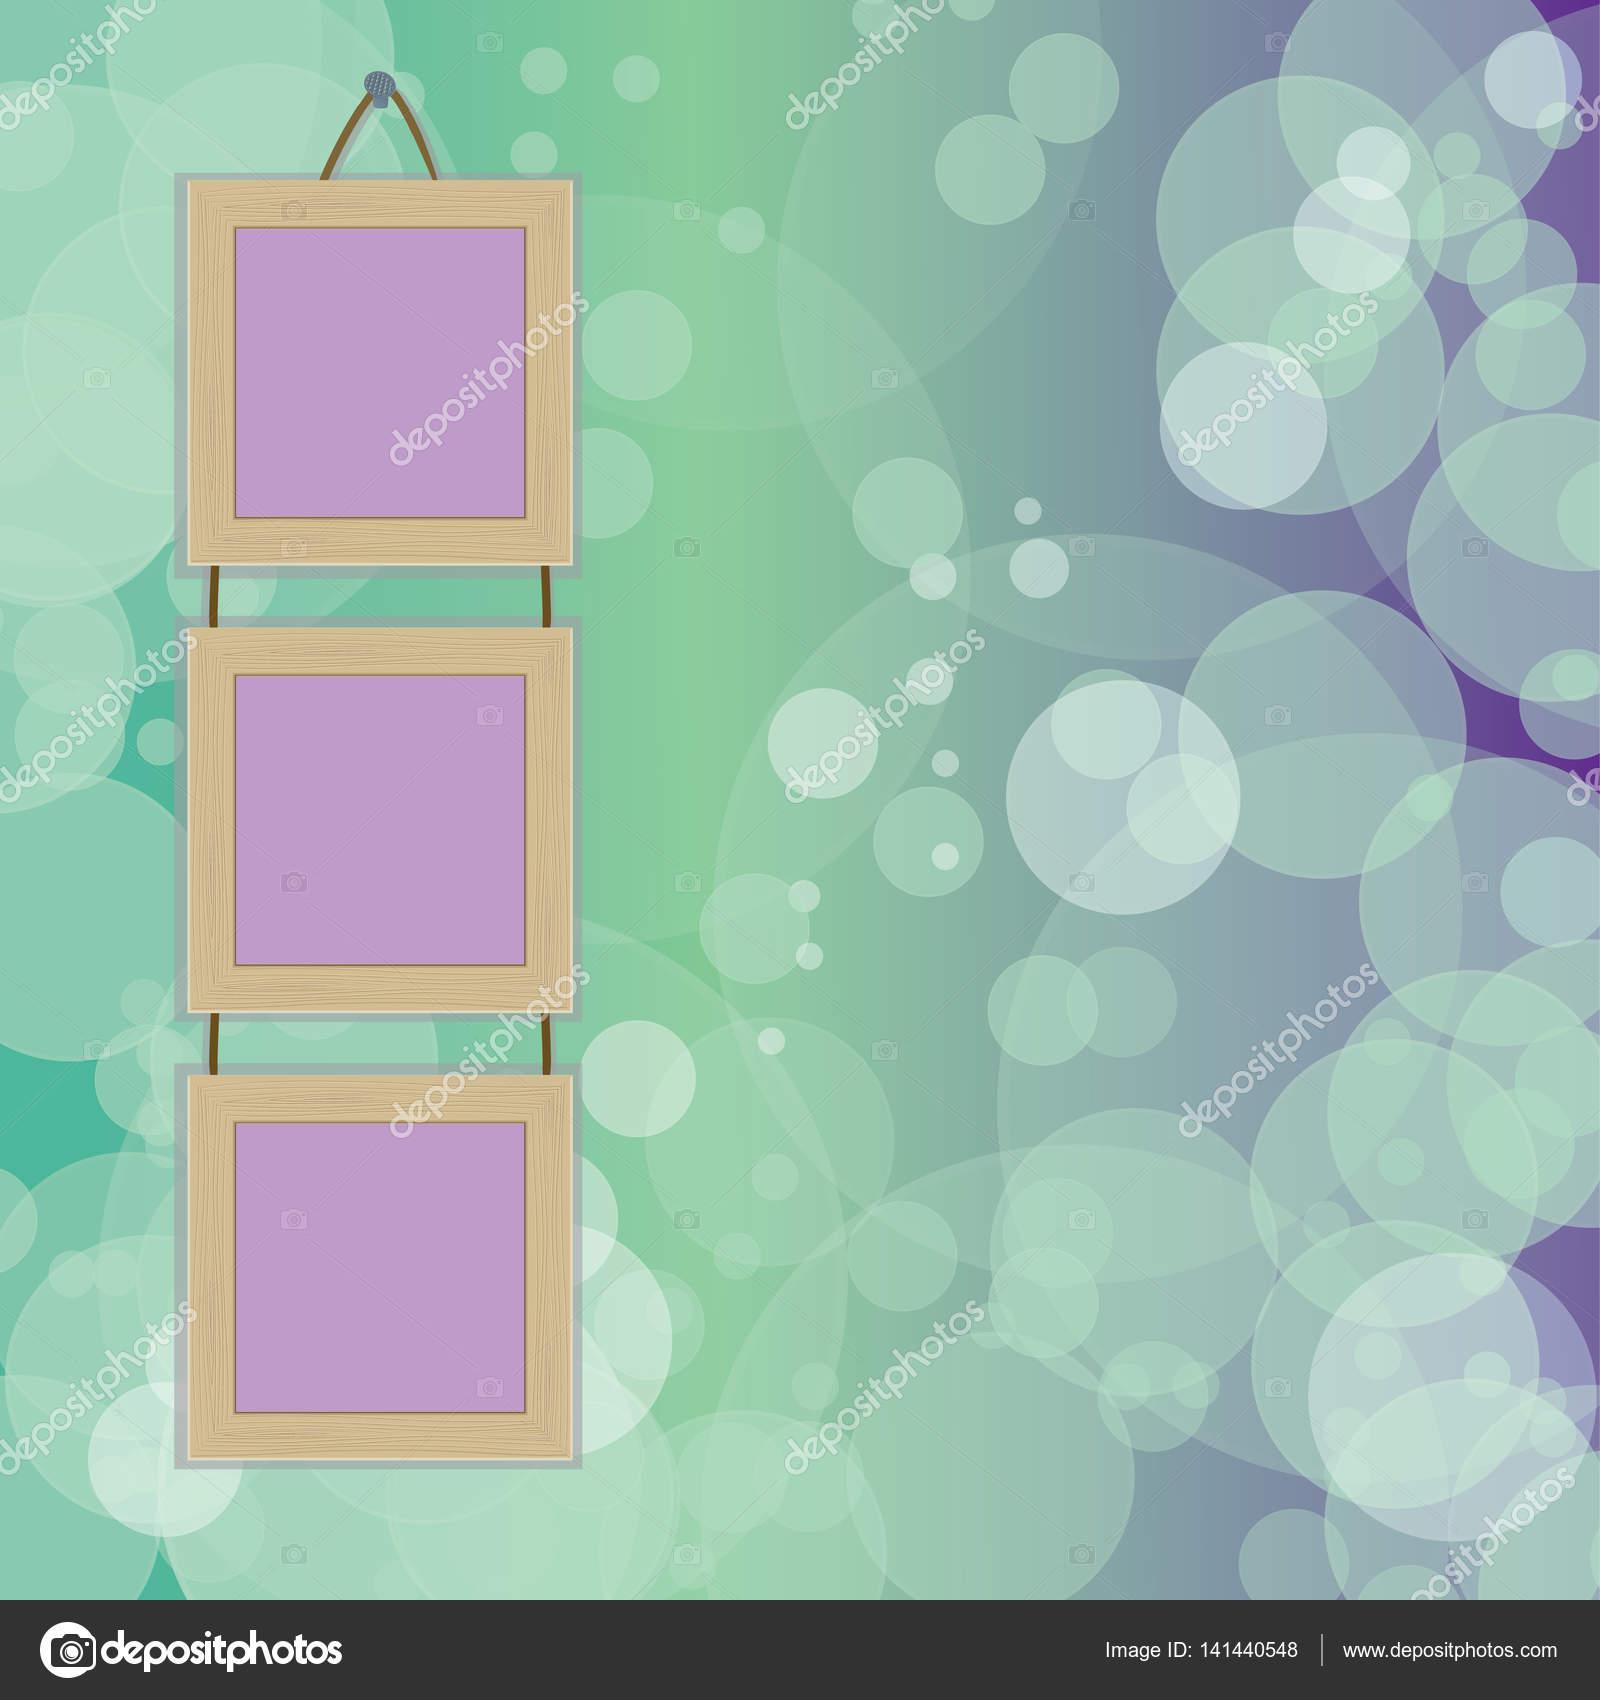 marco para fotos en papel pintado — Vector de stock © Inna_af #141440548